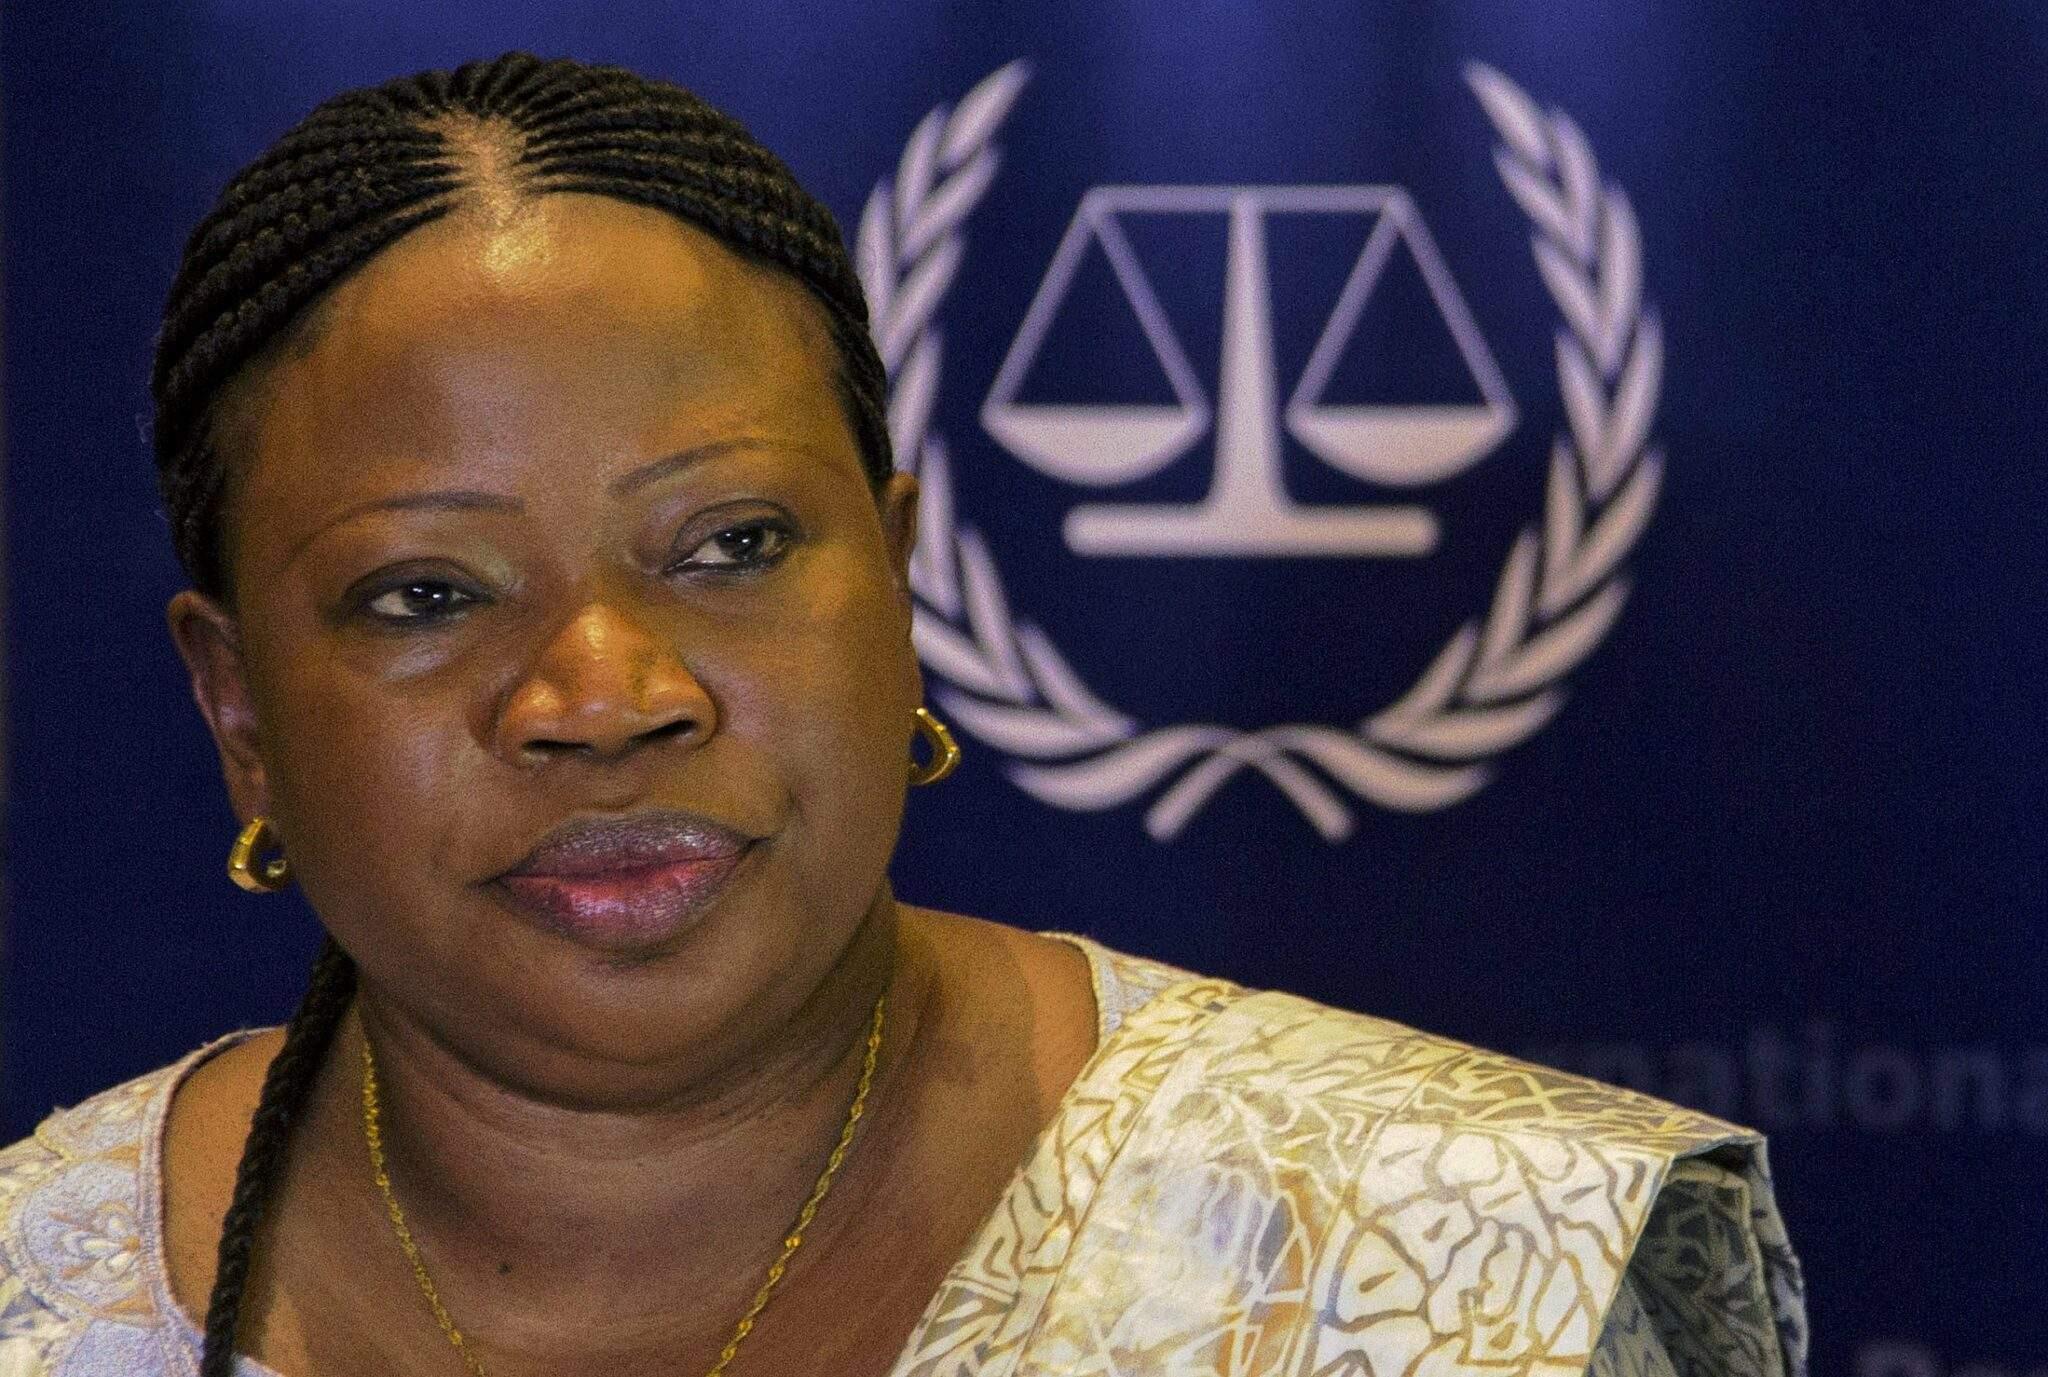 Que doit-on savoir de Fatou Bensouda, la procureure incontournable de la CPI ?